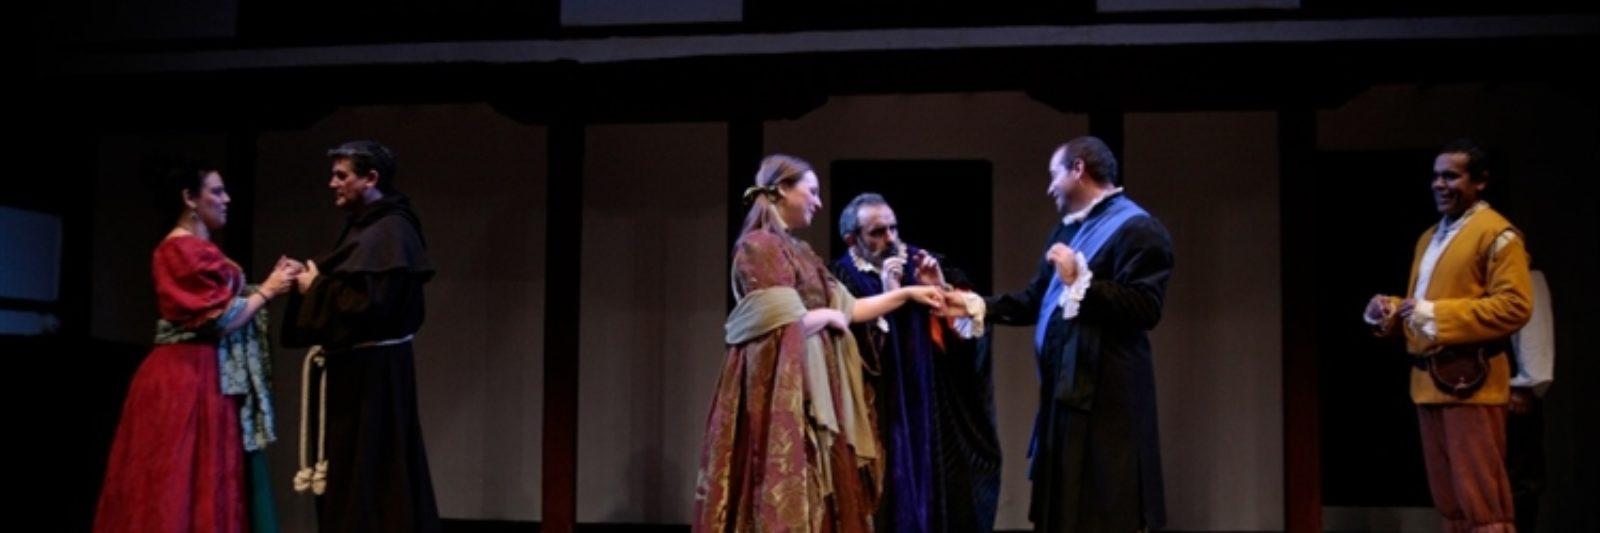 Representación de teatro en el Corral de Comedias